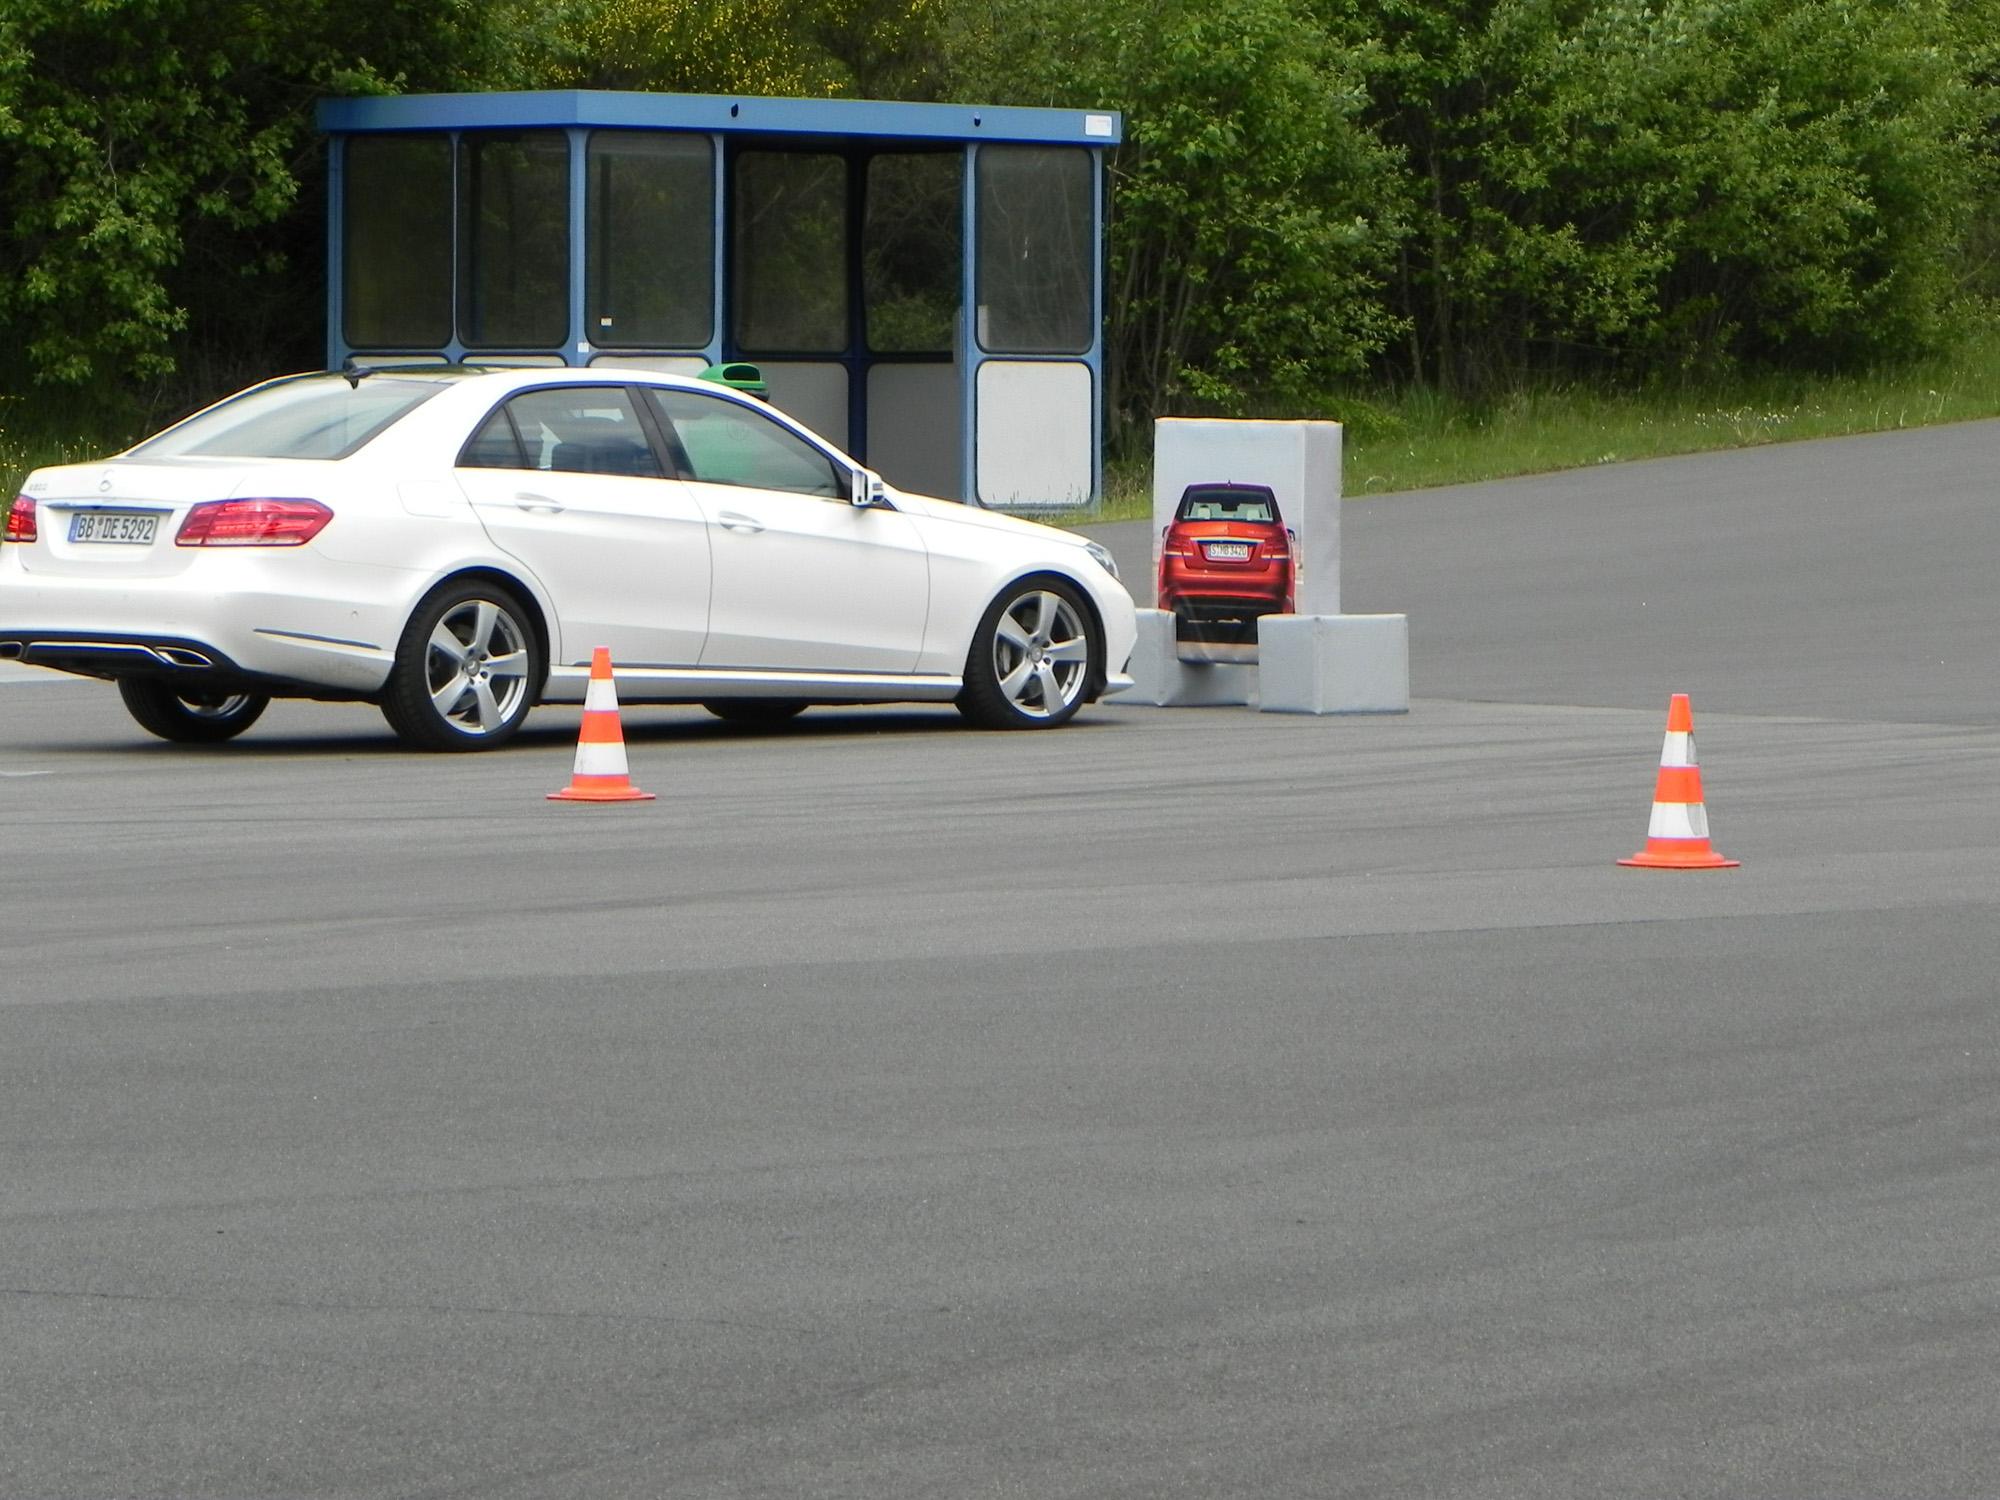 Die Fahrerassistenzsysteme beinhalten oftmals auch die Notbremsfunktion